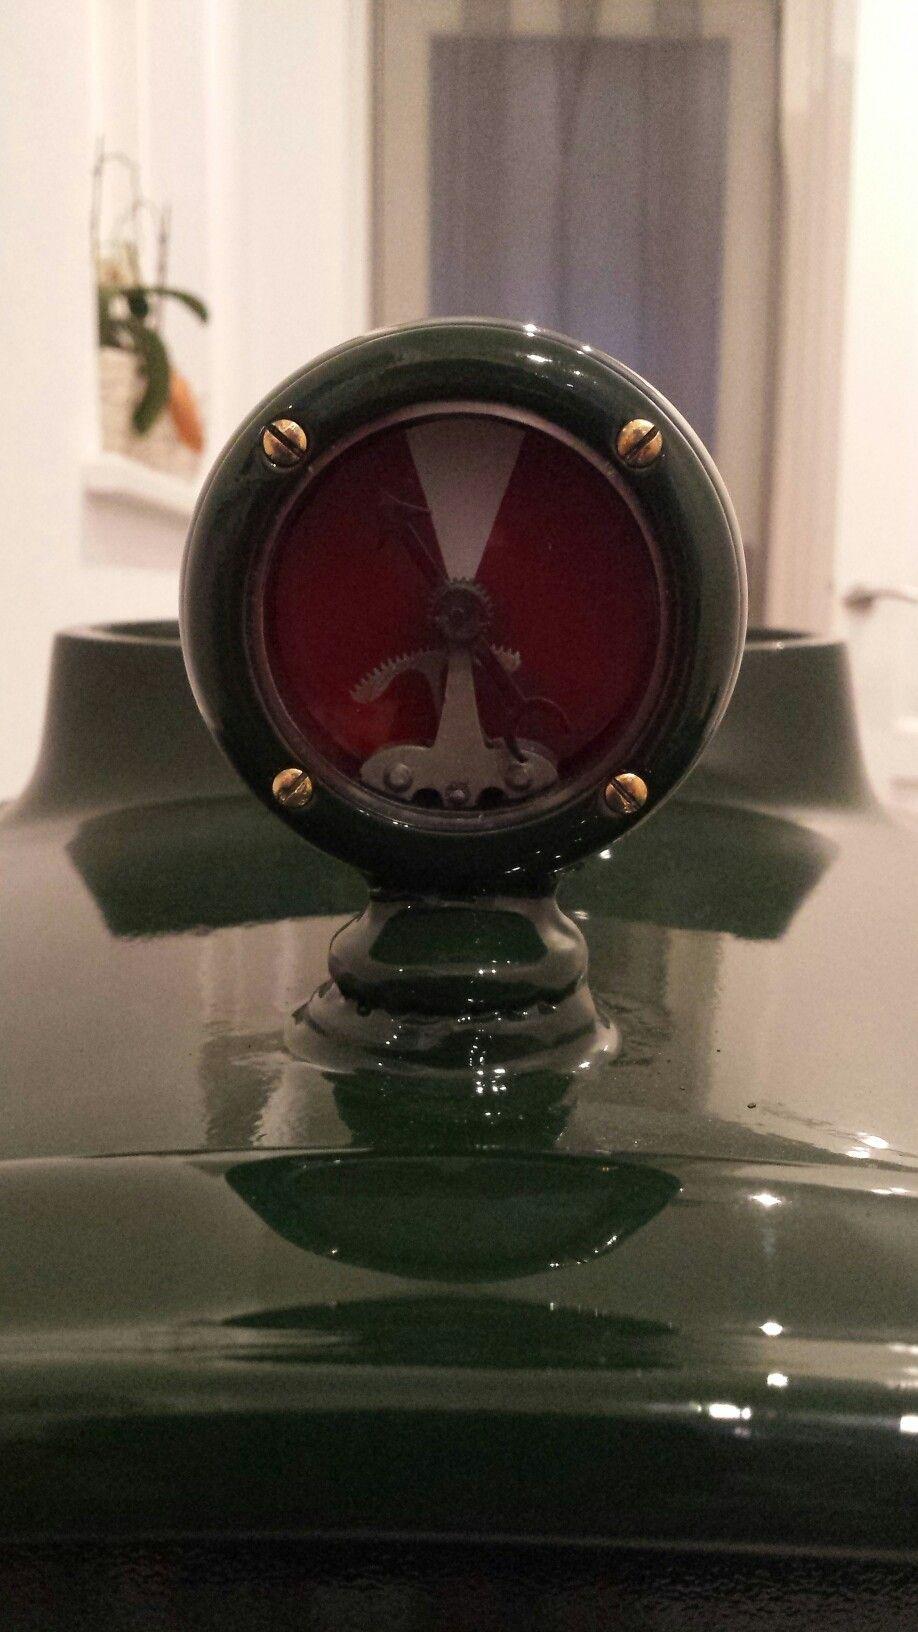 Fordson n industrial raf temperature gauge refurbished